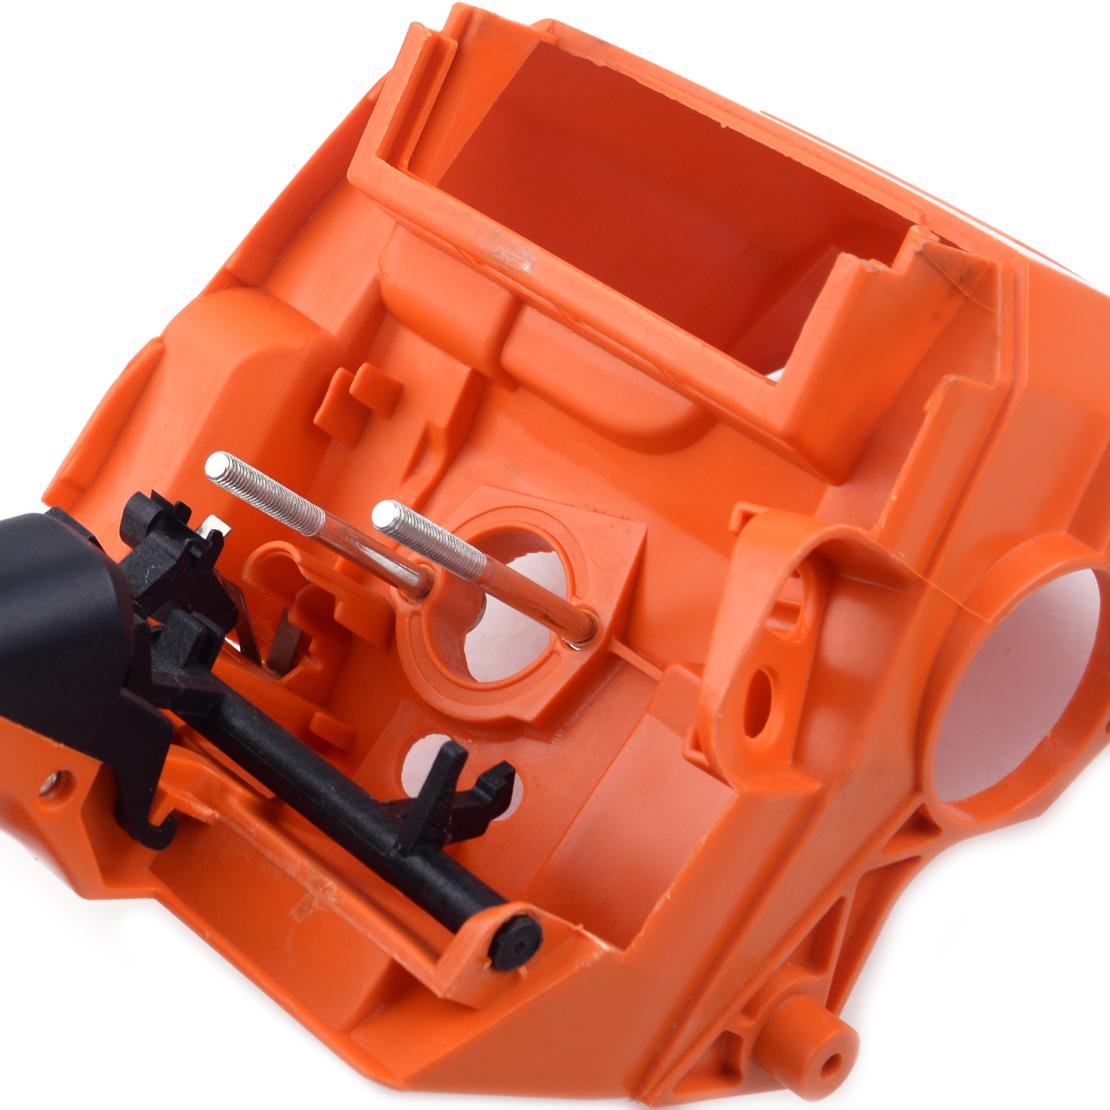 Deckel für Vergaser Carburetor box cover für Stihl 039 MS390 MS 390